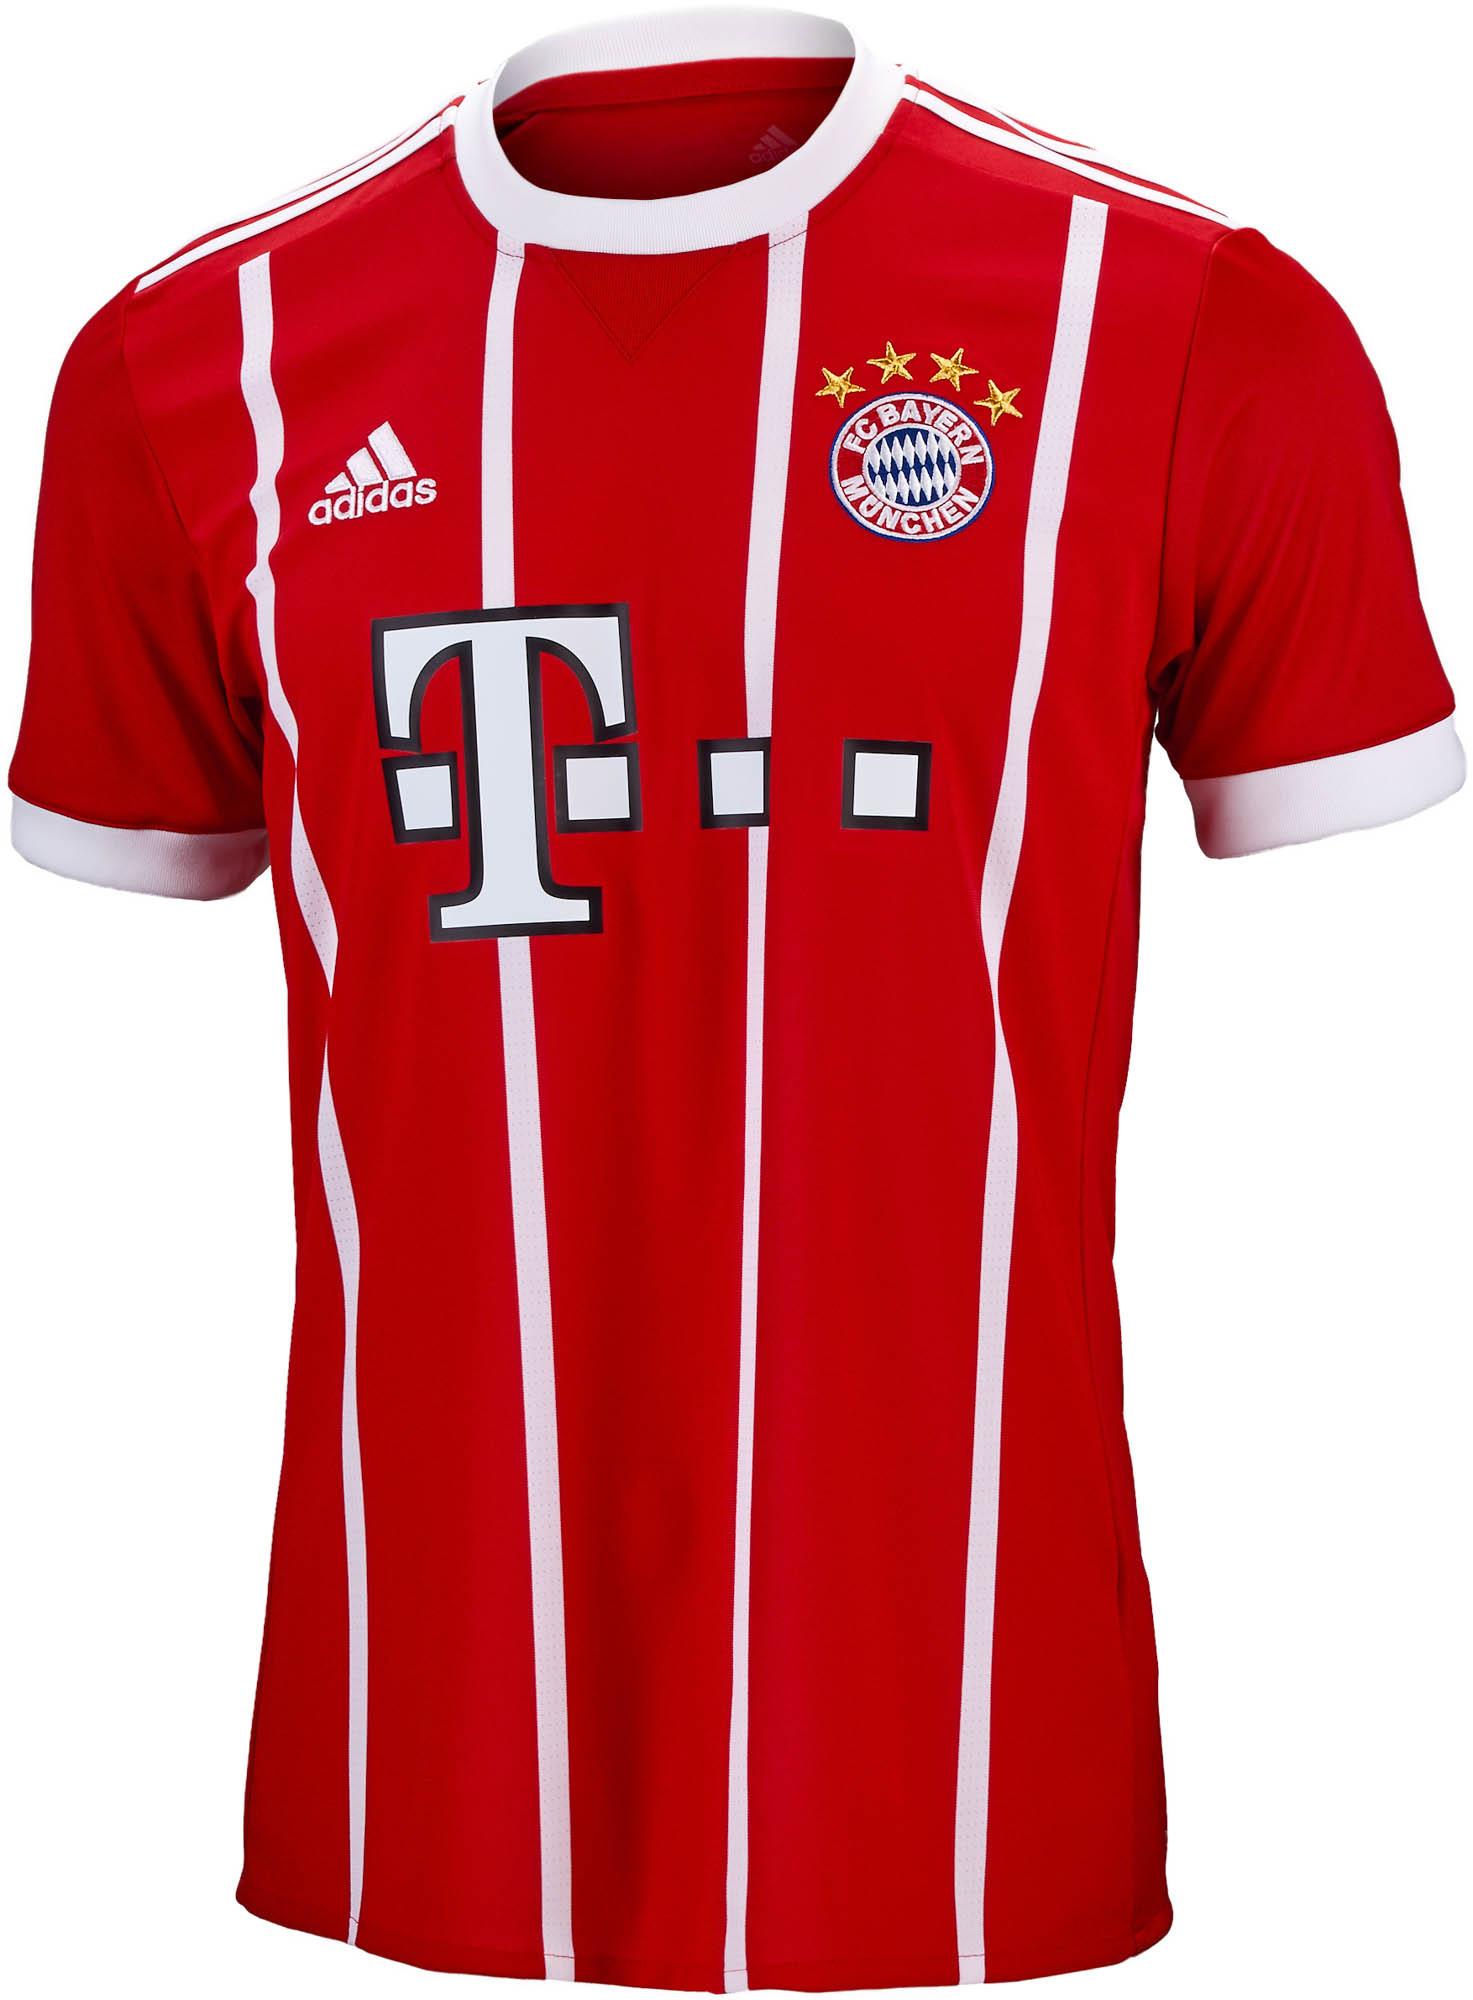 2017 18 adidas Bayern Munich Home Jersey - SoccerPro.com 89f721170